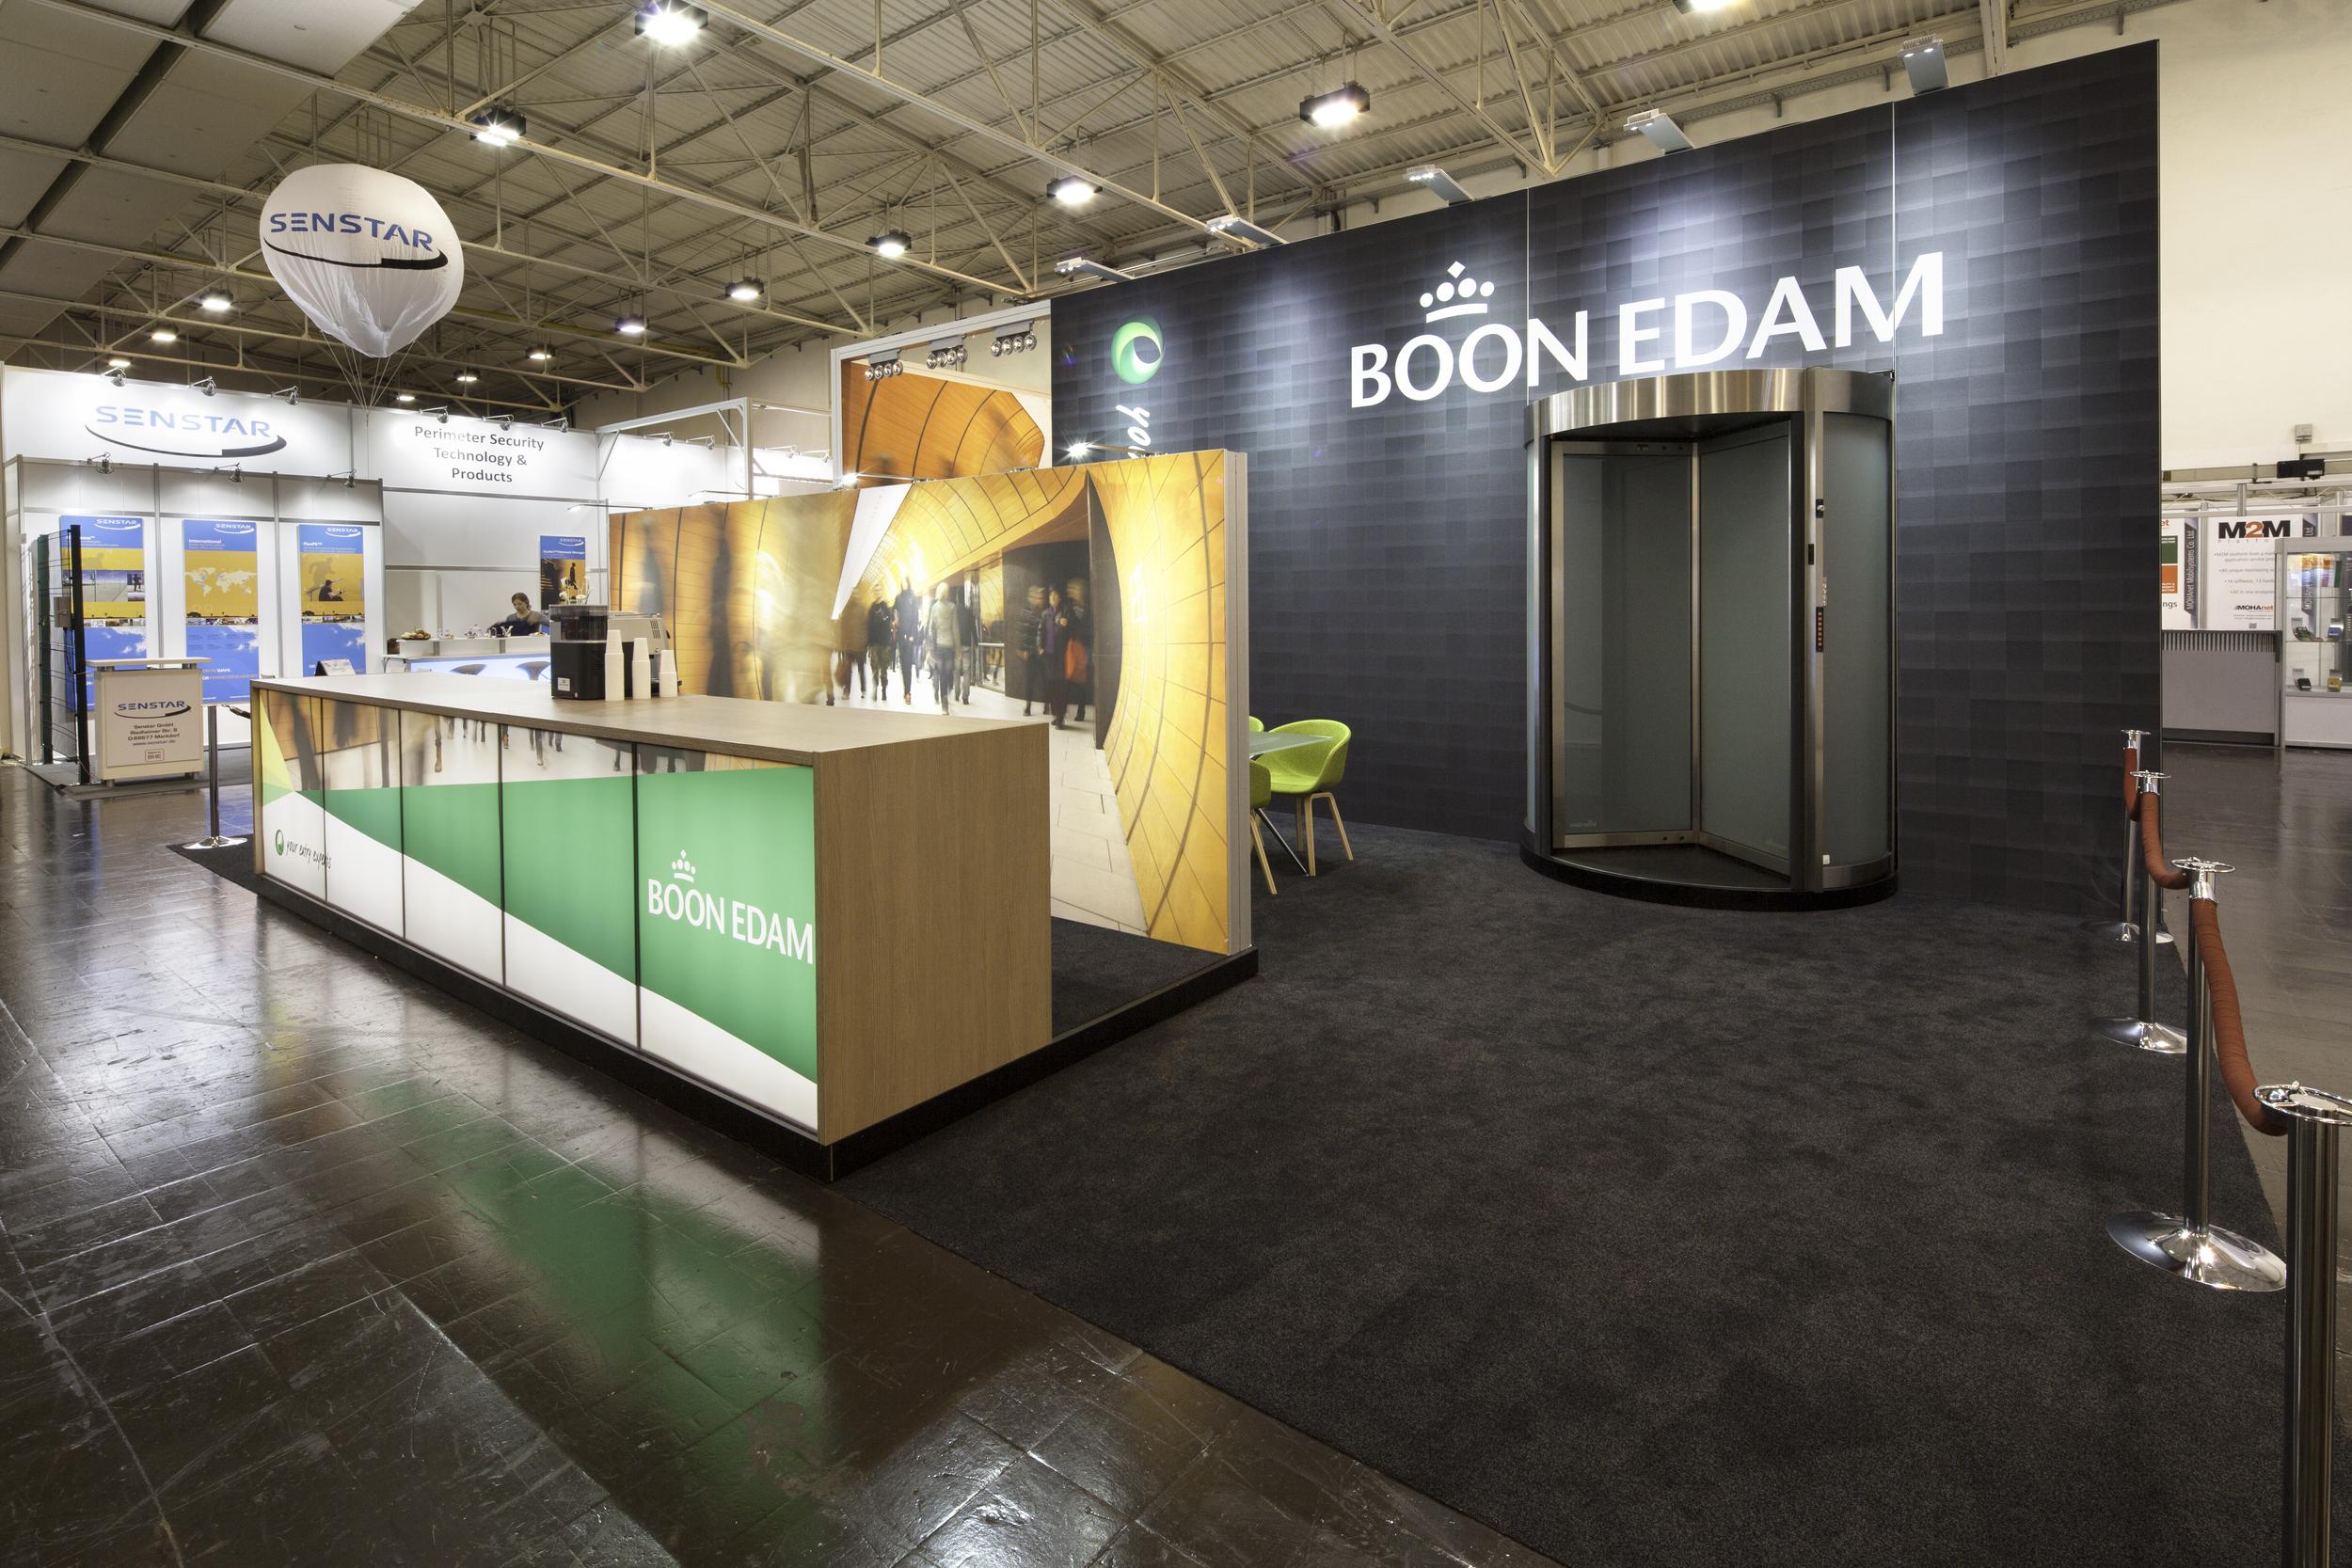 Buck Design - Boon Edam - Security Essen 2014 - Standbouwfotografie #9911.jpg